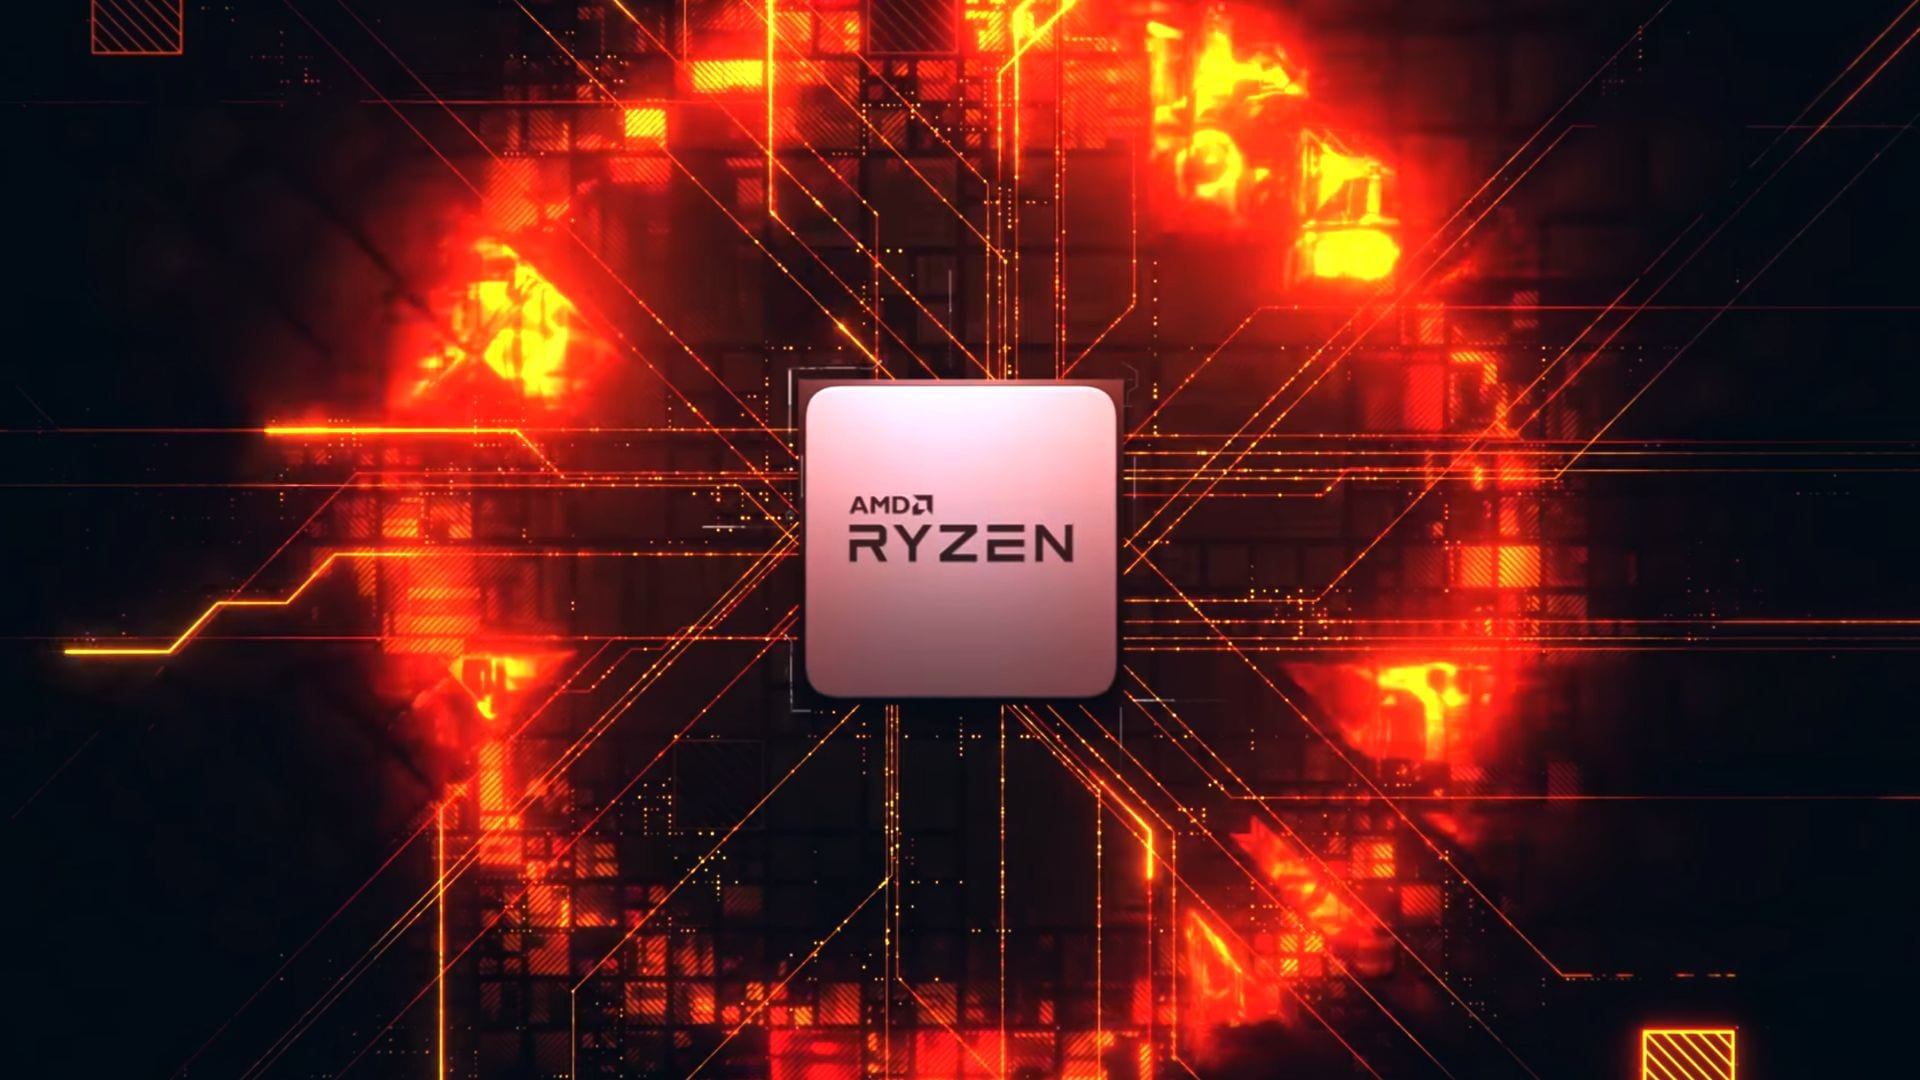 NoMS опубликовал первые пристрелочные результаты на свежем чипе AMD Ryzen 3 3300X